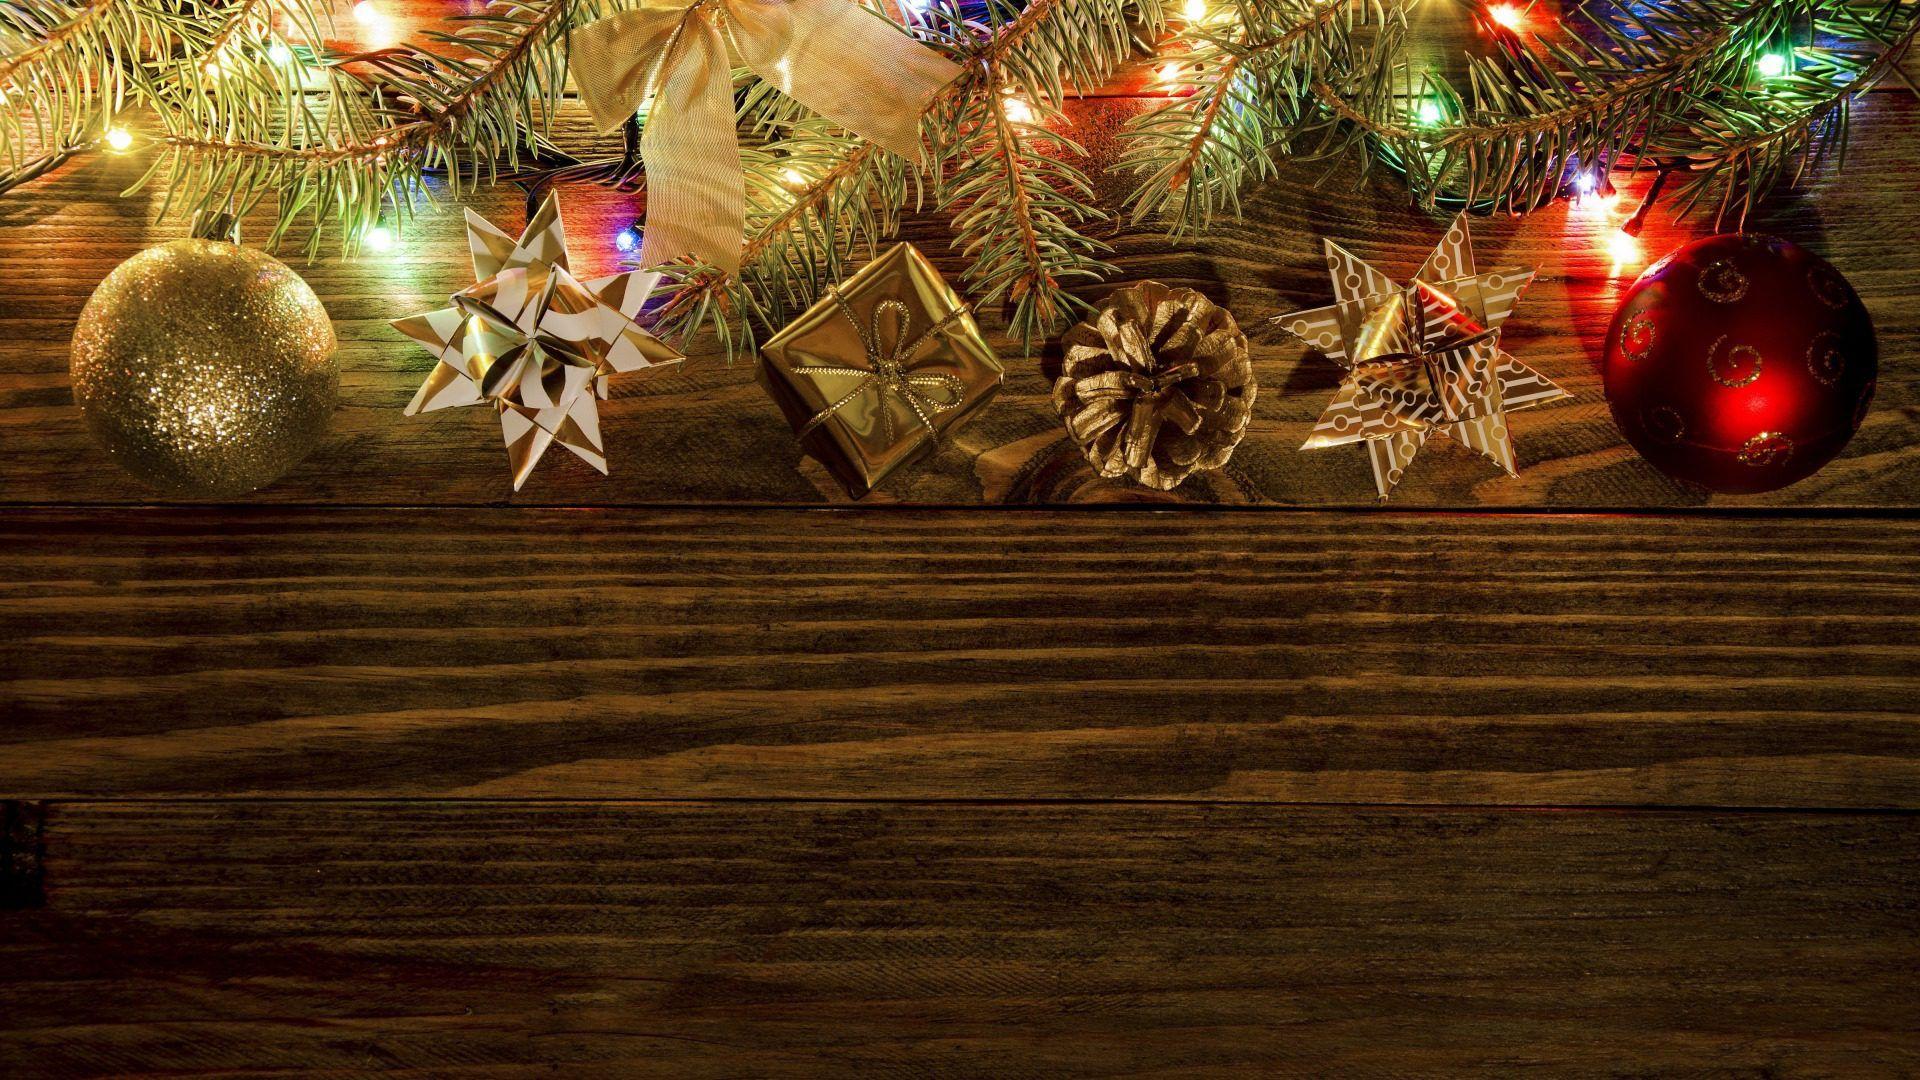 Christmas For Website wallpaper photo full hd